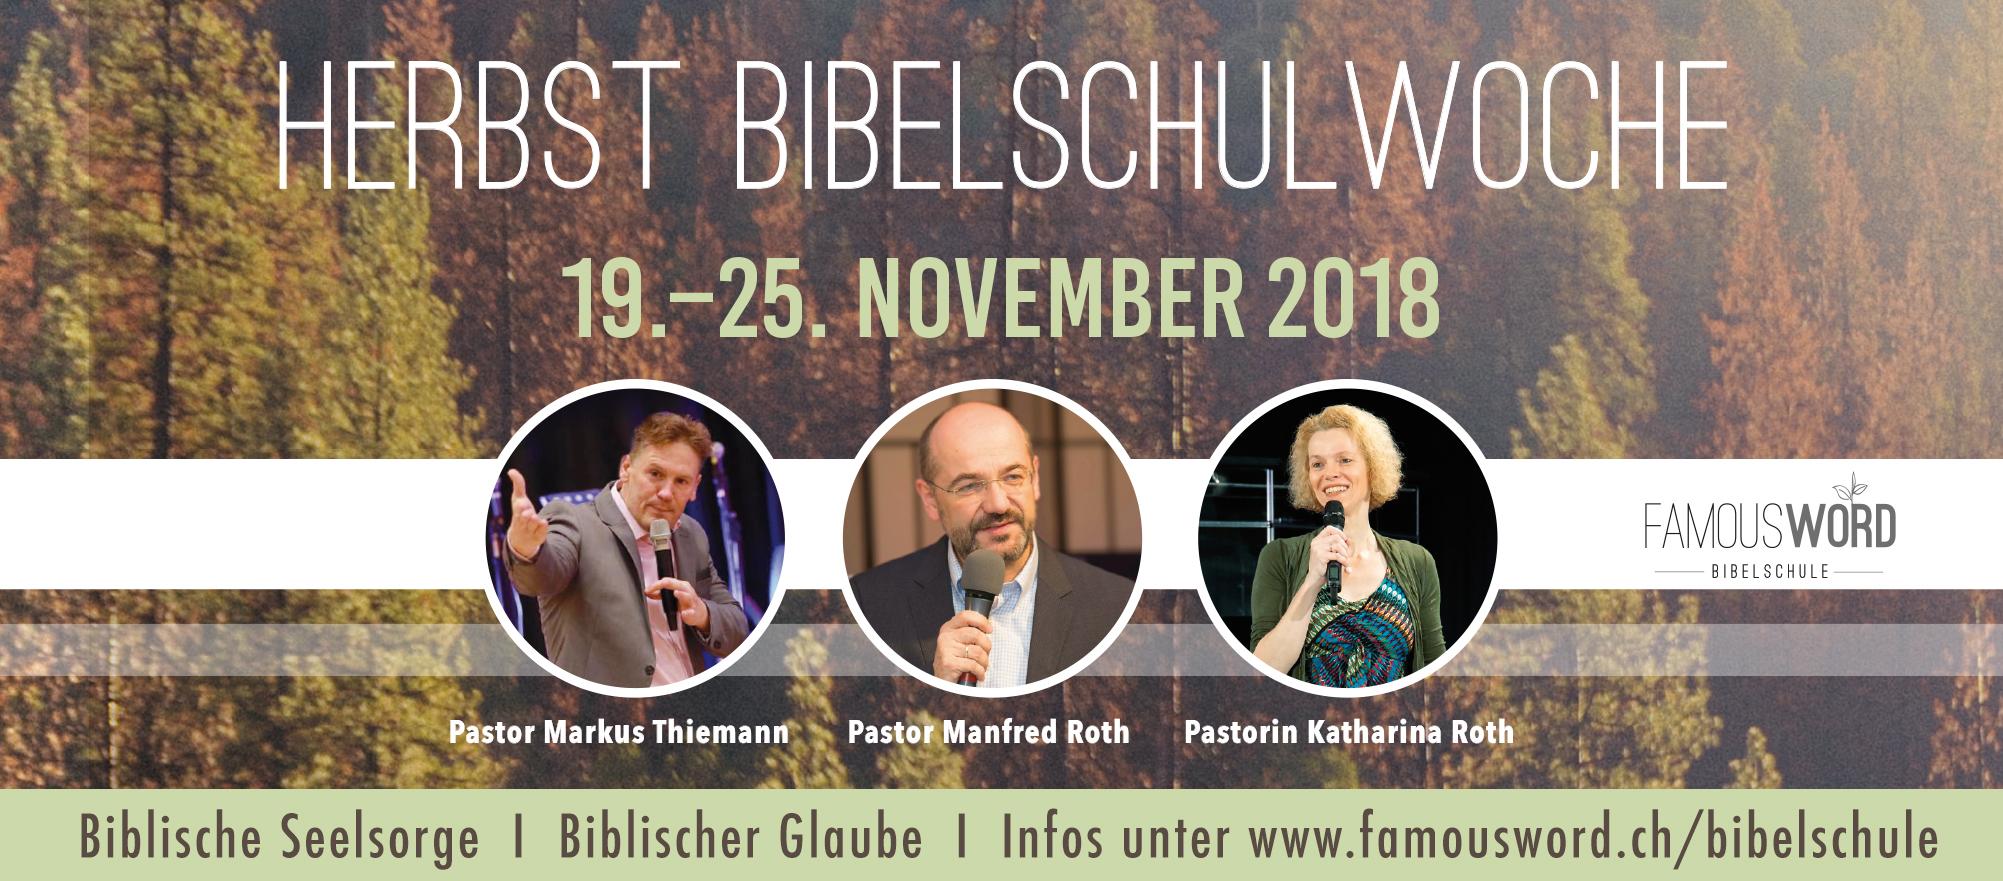 BibelschuleBlockwoche_Herbst_18